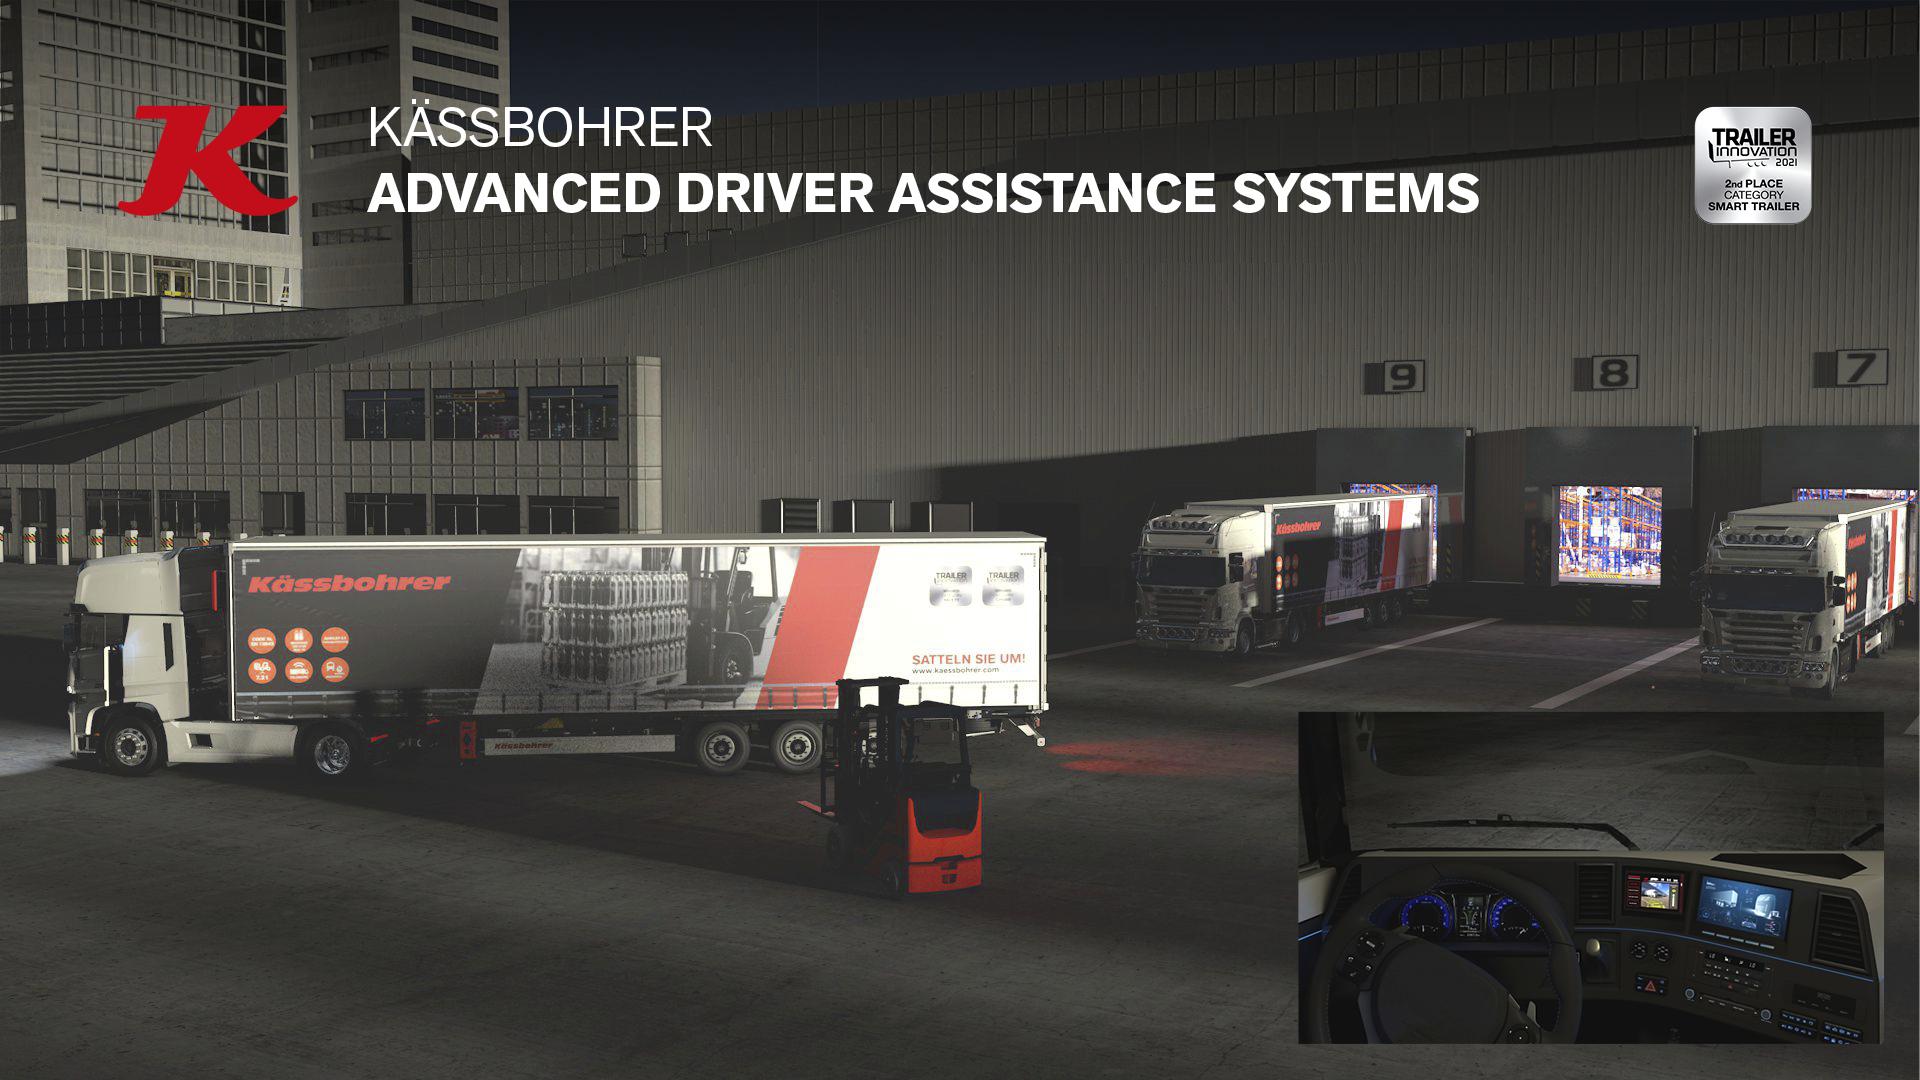 Kässbohrer è stata premiata sia con nuovi prodotti che con sistemi di aiuto per la guida